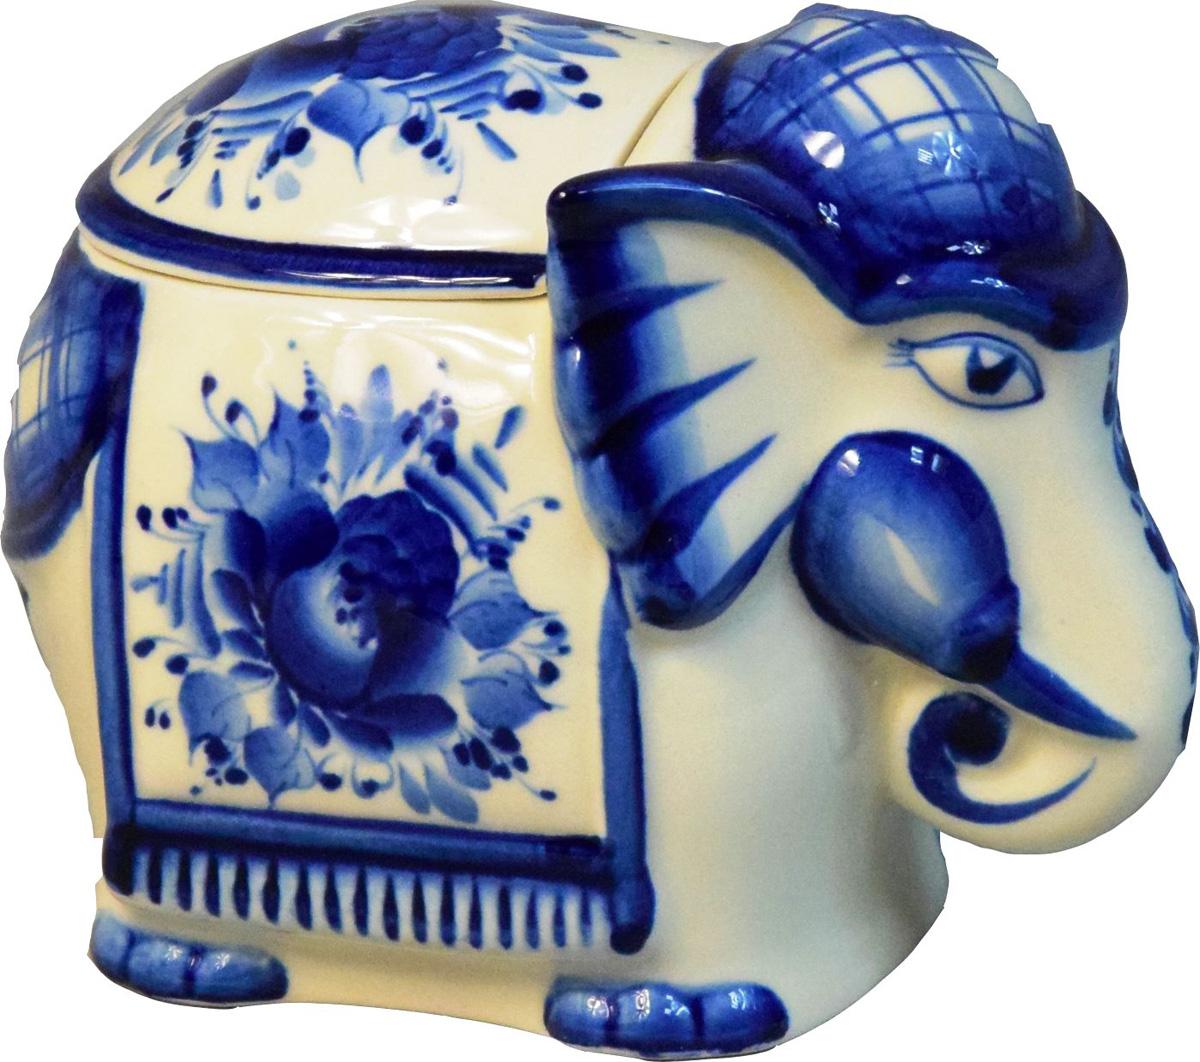 """Шкатулка для хранения чая """"Слон"""" выполнена из традиционного белейшего и качественного фарфора и украшена авторской росписью. Станет прекрасным подарком и украшением вашего стола. Ручная подглазурная кобальтовая роспись. Рисунок на изделии может отличаться от изображения на фотографии."""